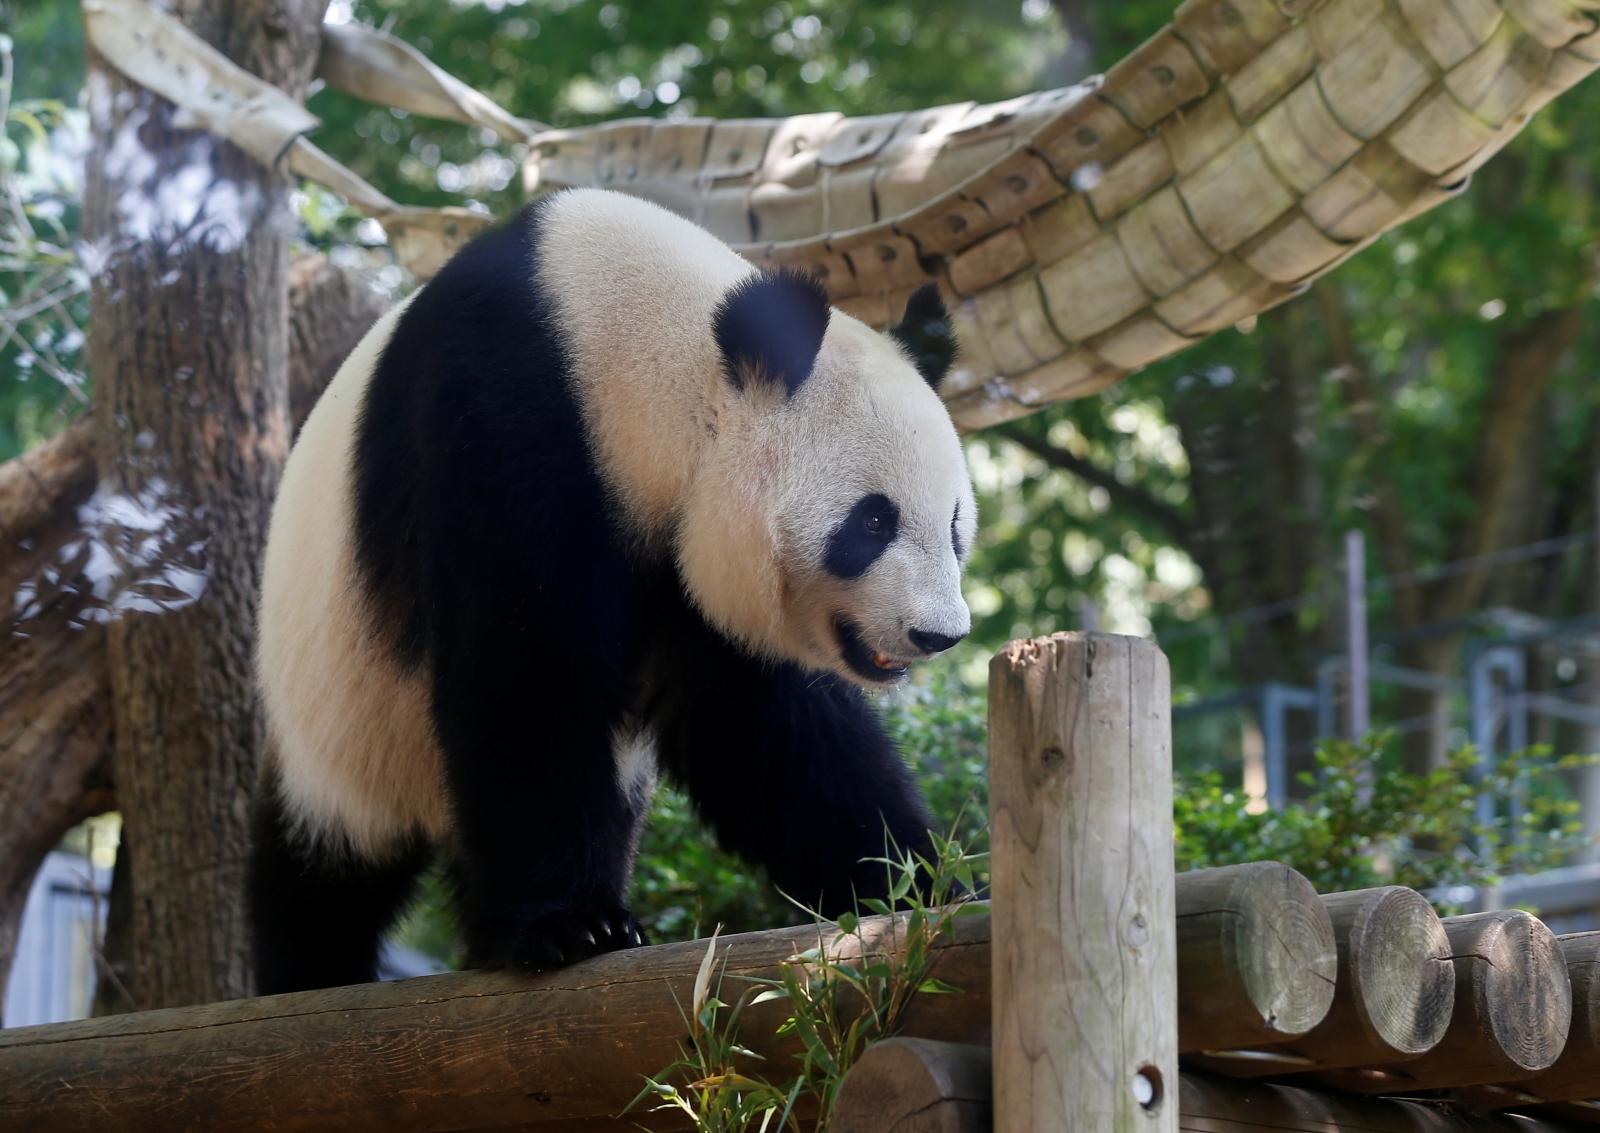 Giant panda Shin Shin